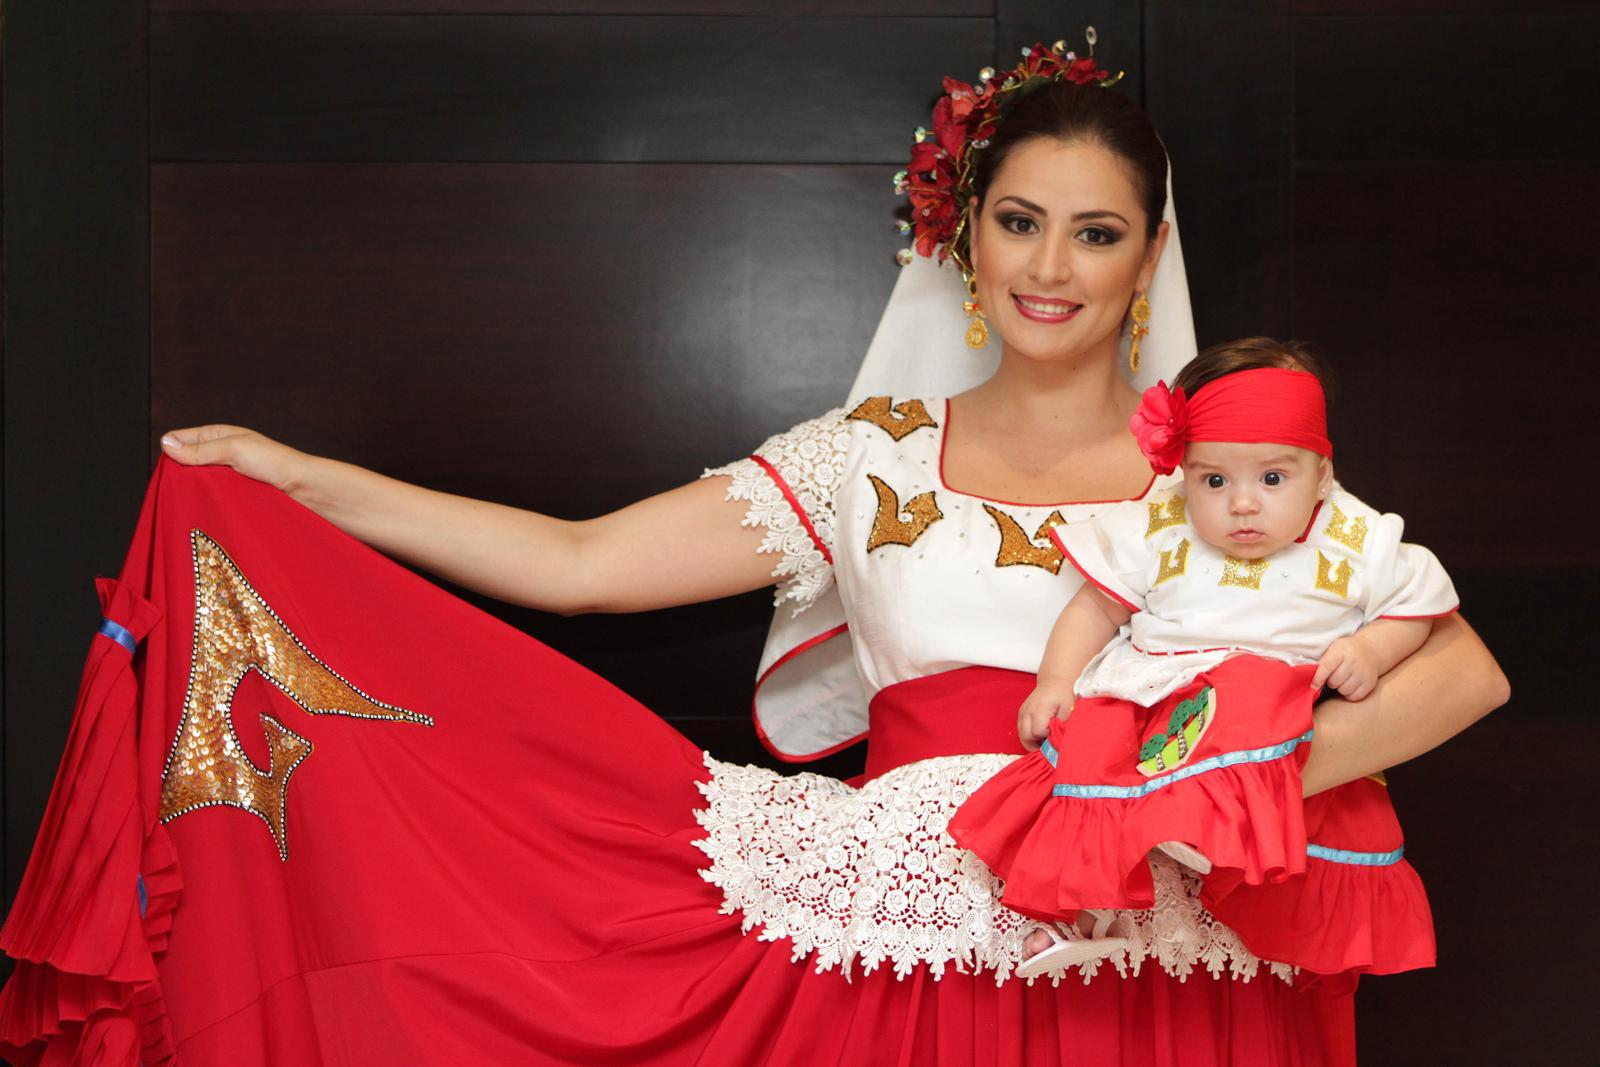 fiesta cultural estado republica mexicana: